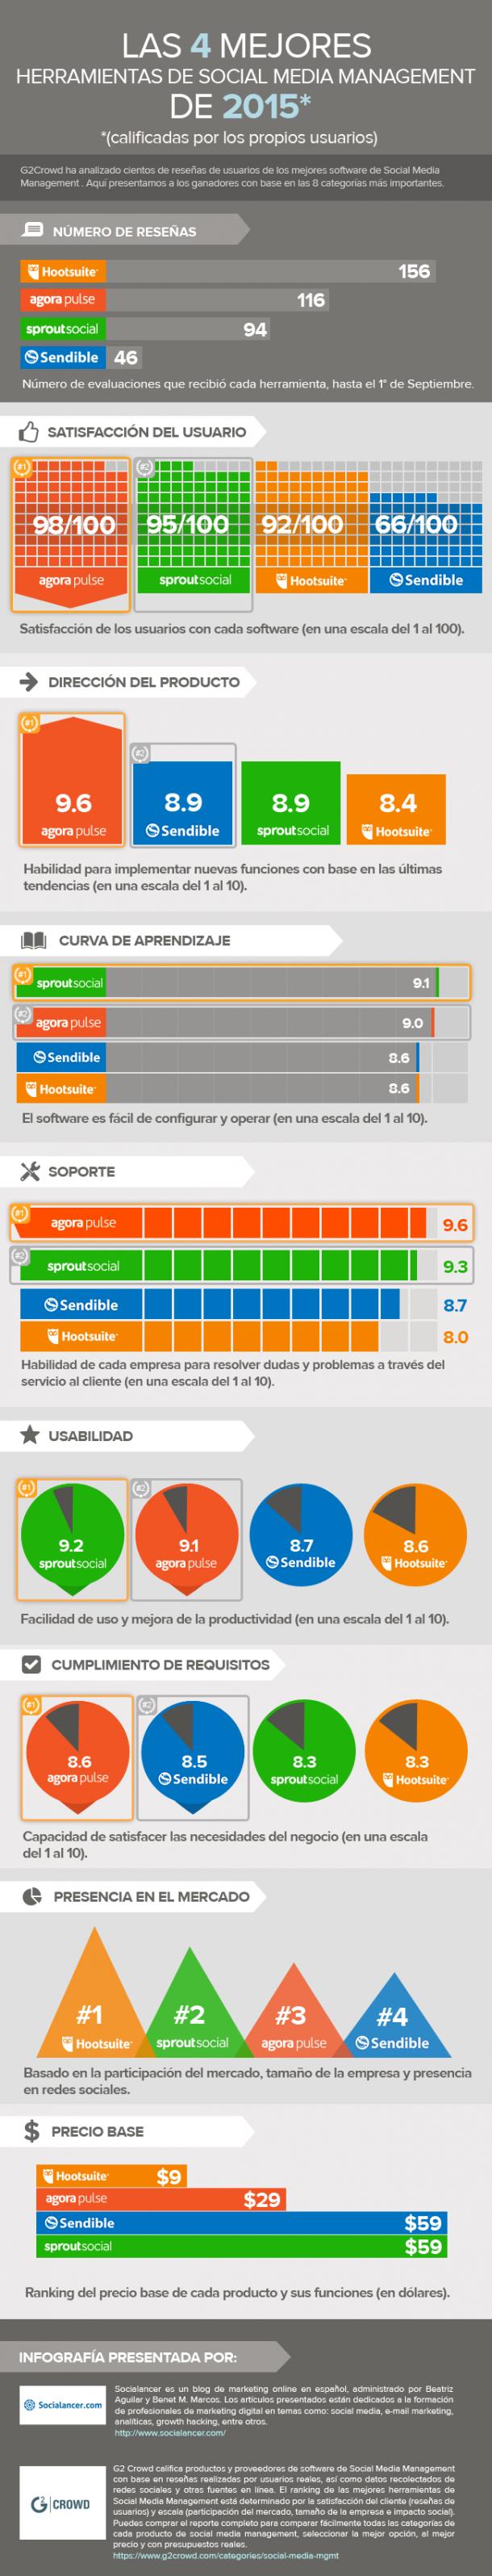 4 mejores herramientas de gestión de redes sociales